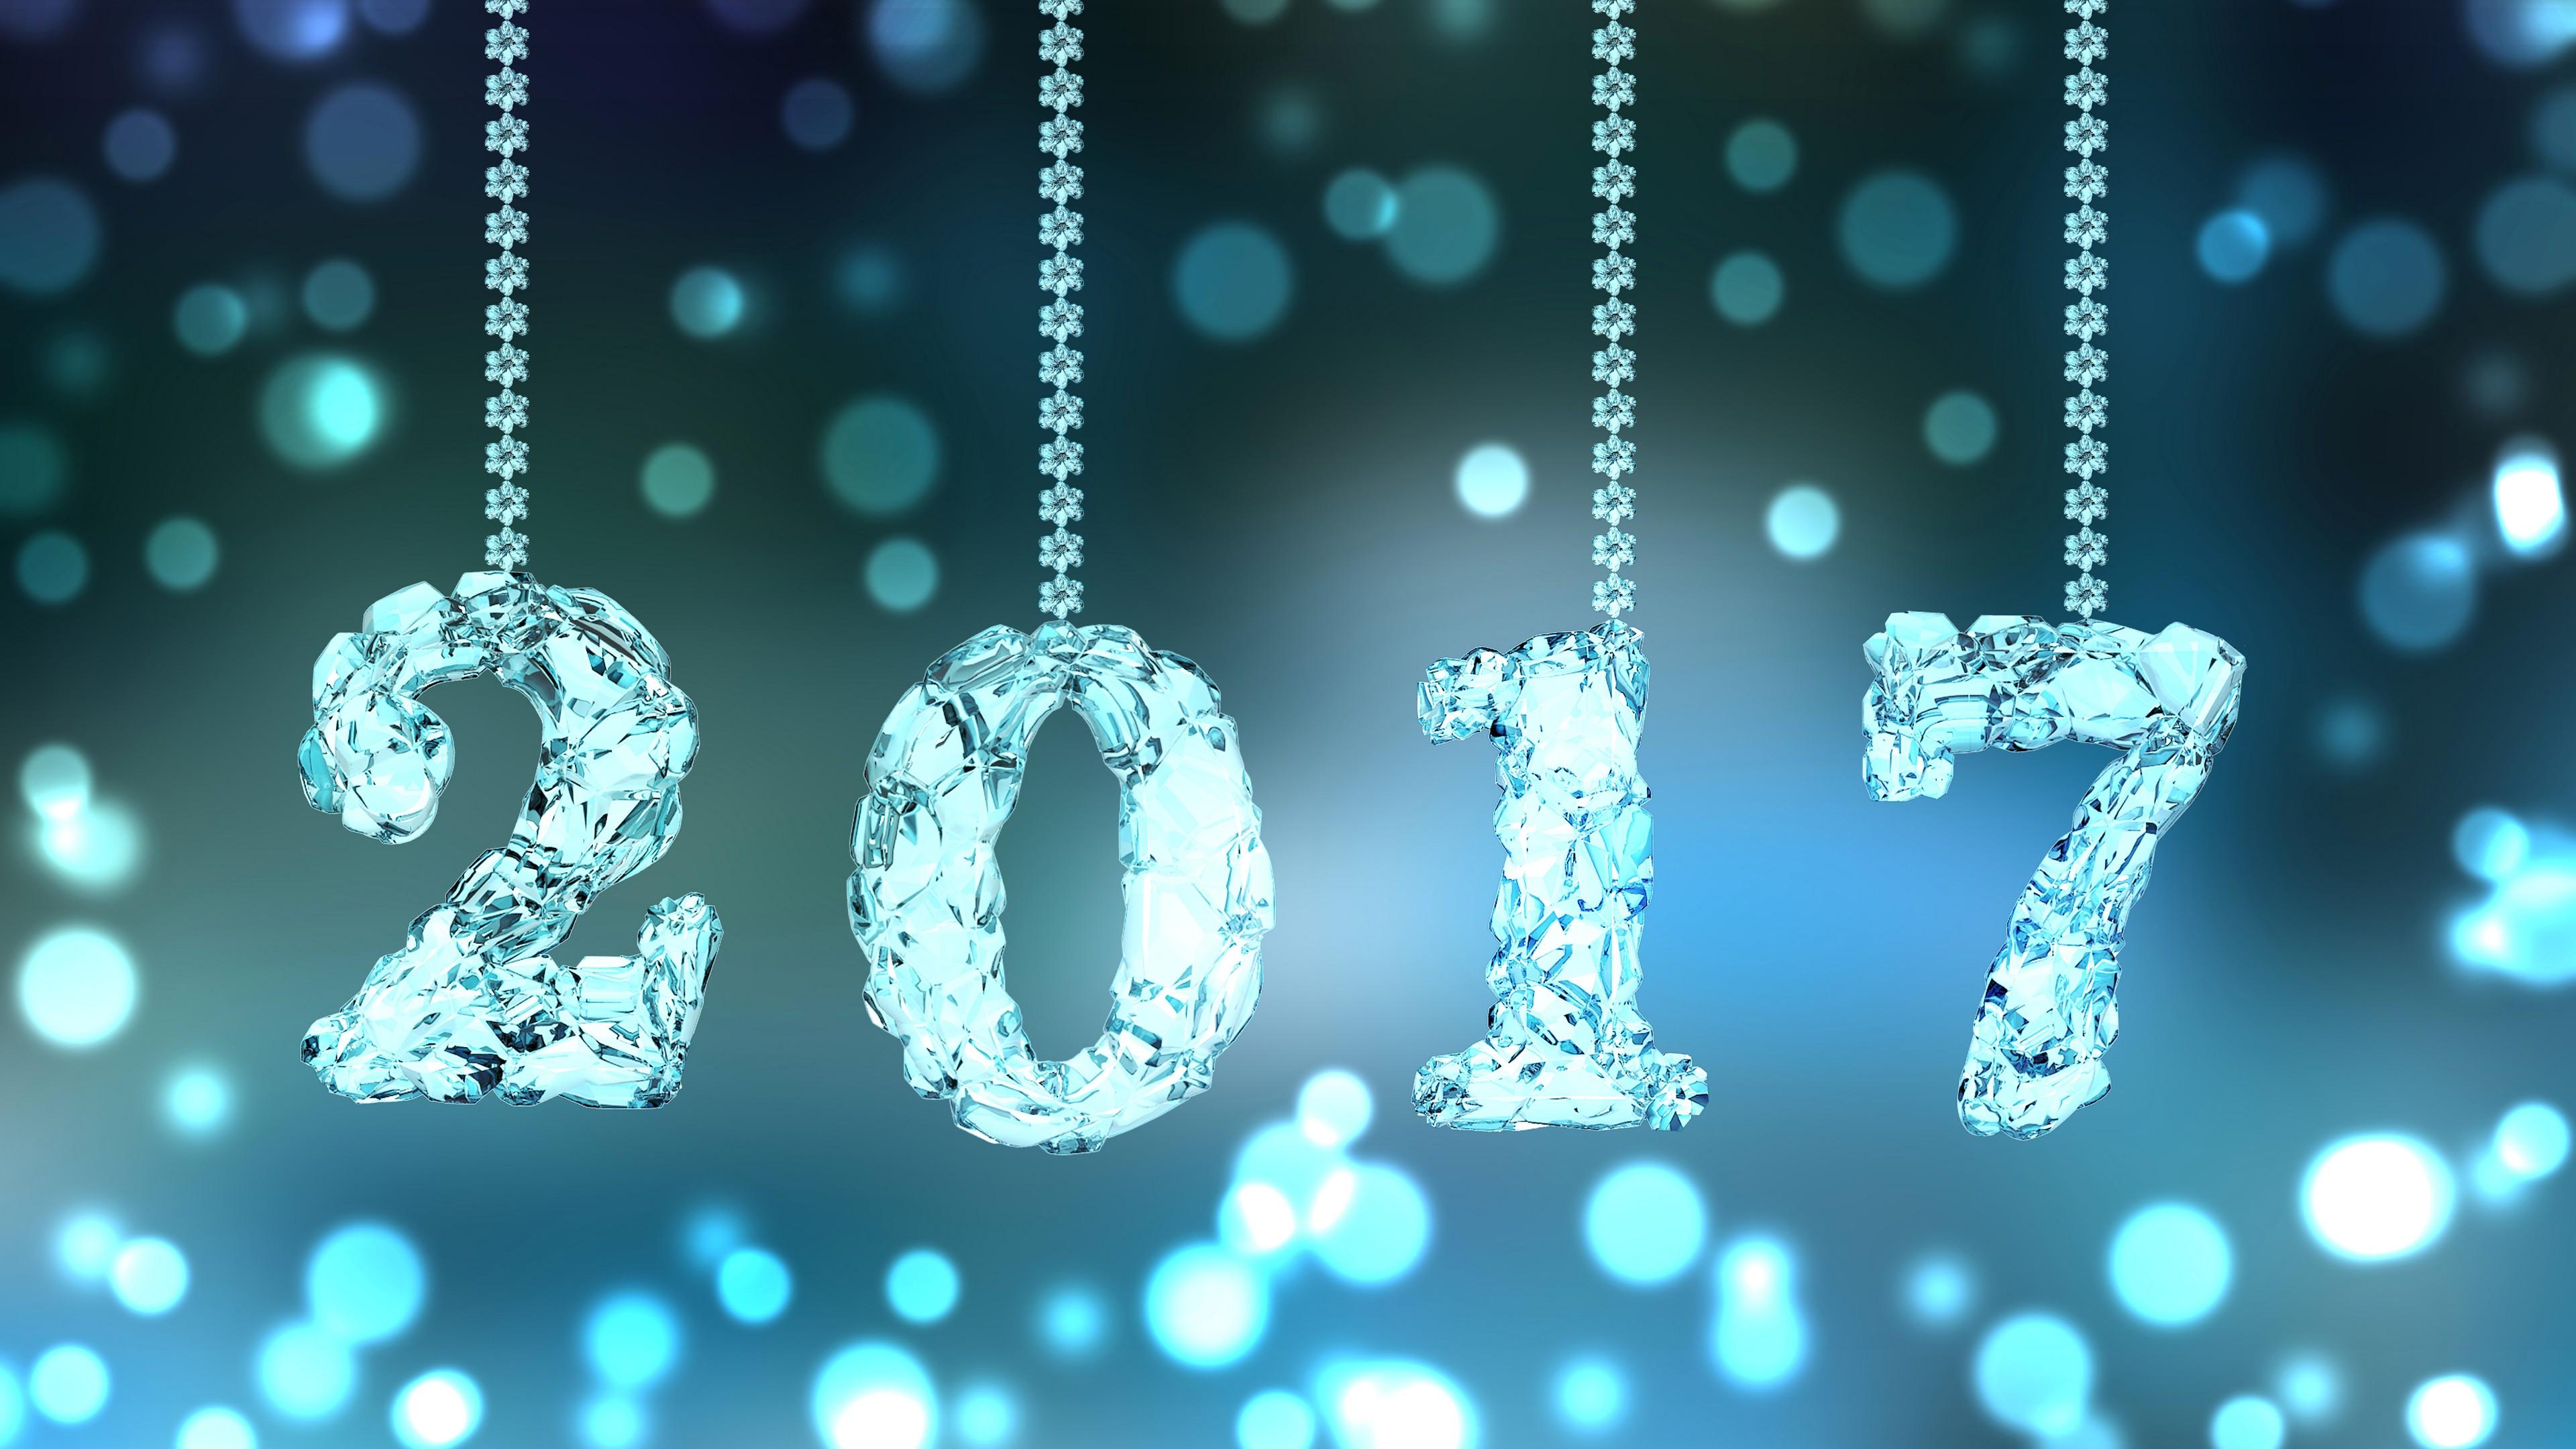 Гирлянда со сверкающими цифрами 2017 год